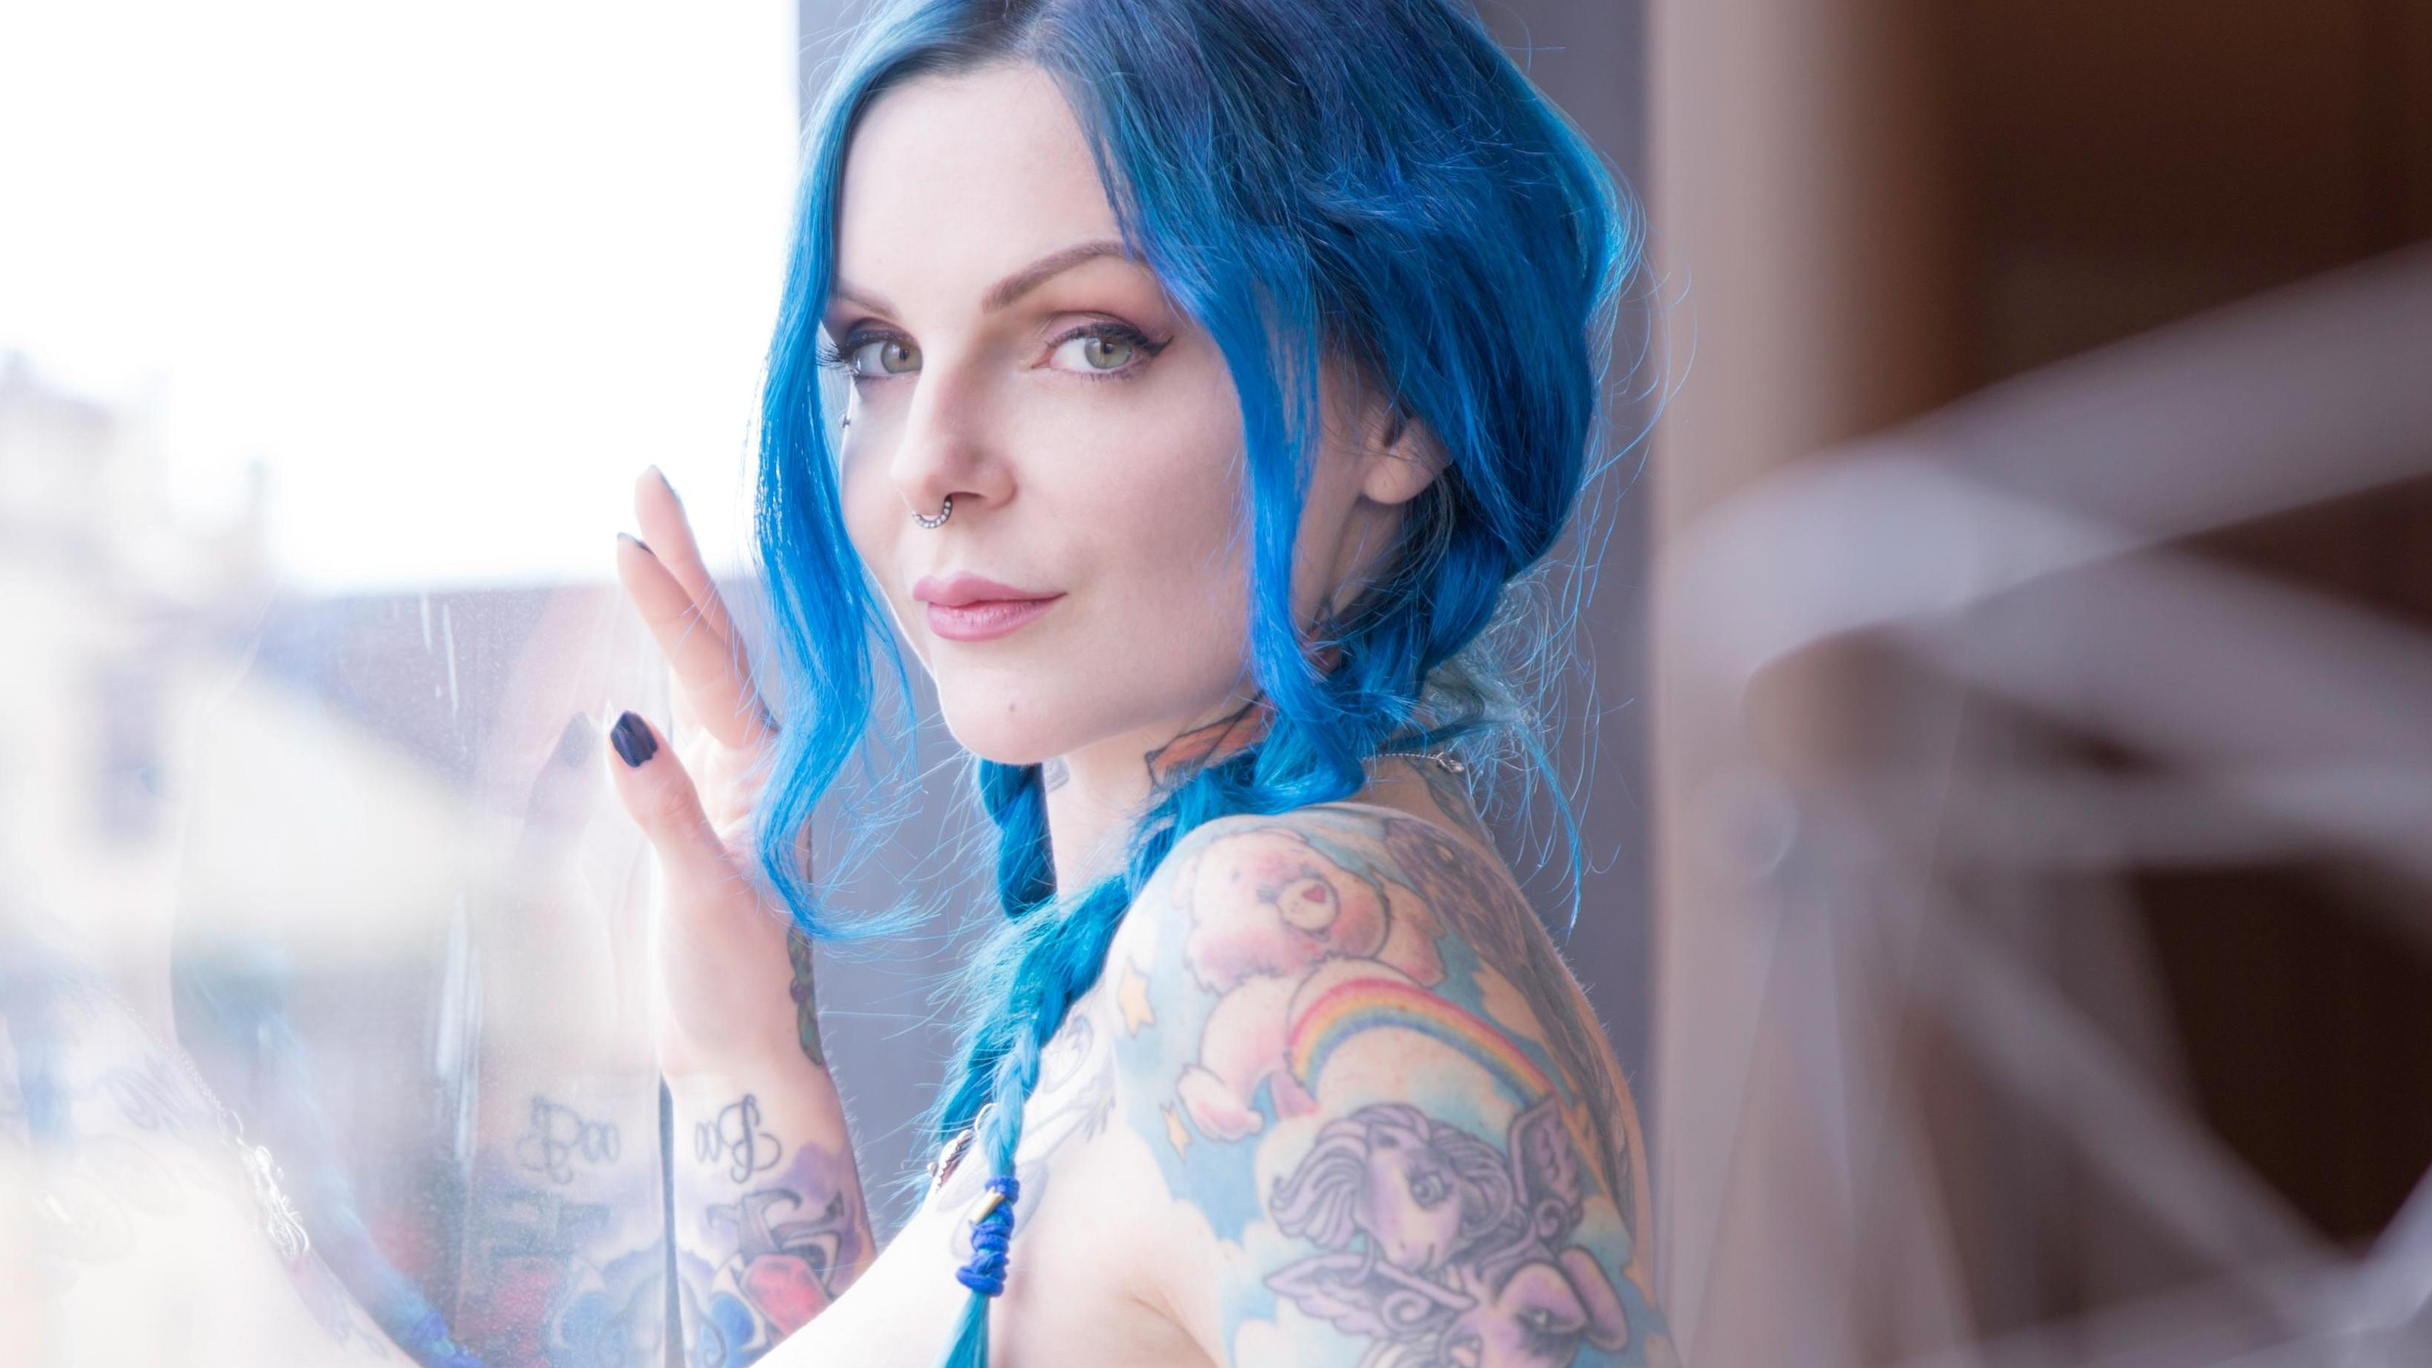 Riae Suicide  - Blue Reflect suicidegirls @riae goddess,wolfstyle,mark,lewolf,belle